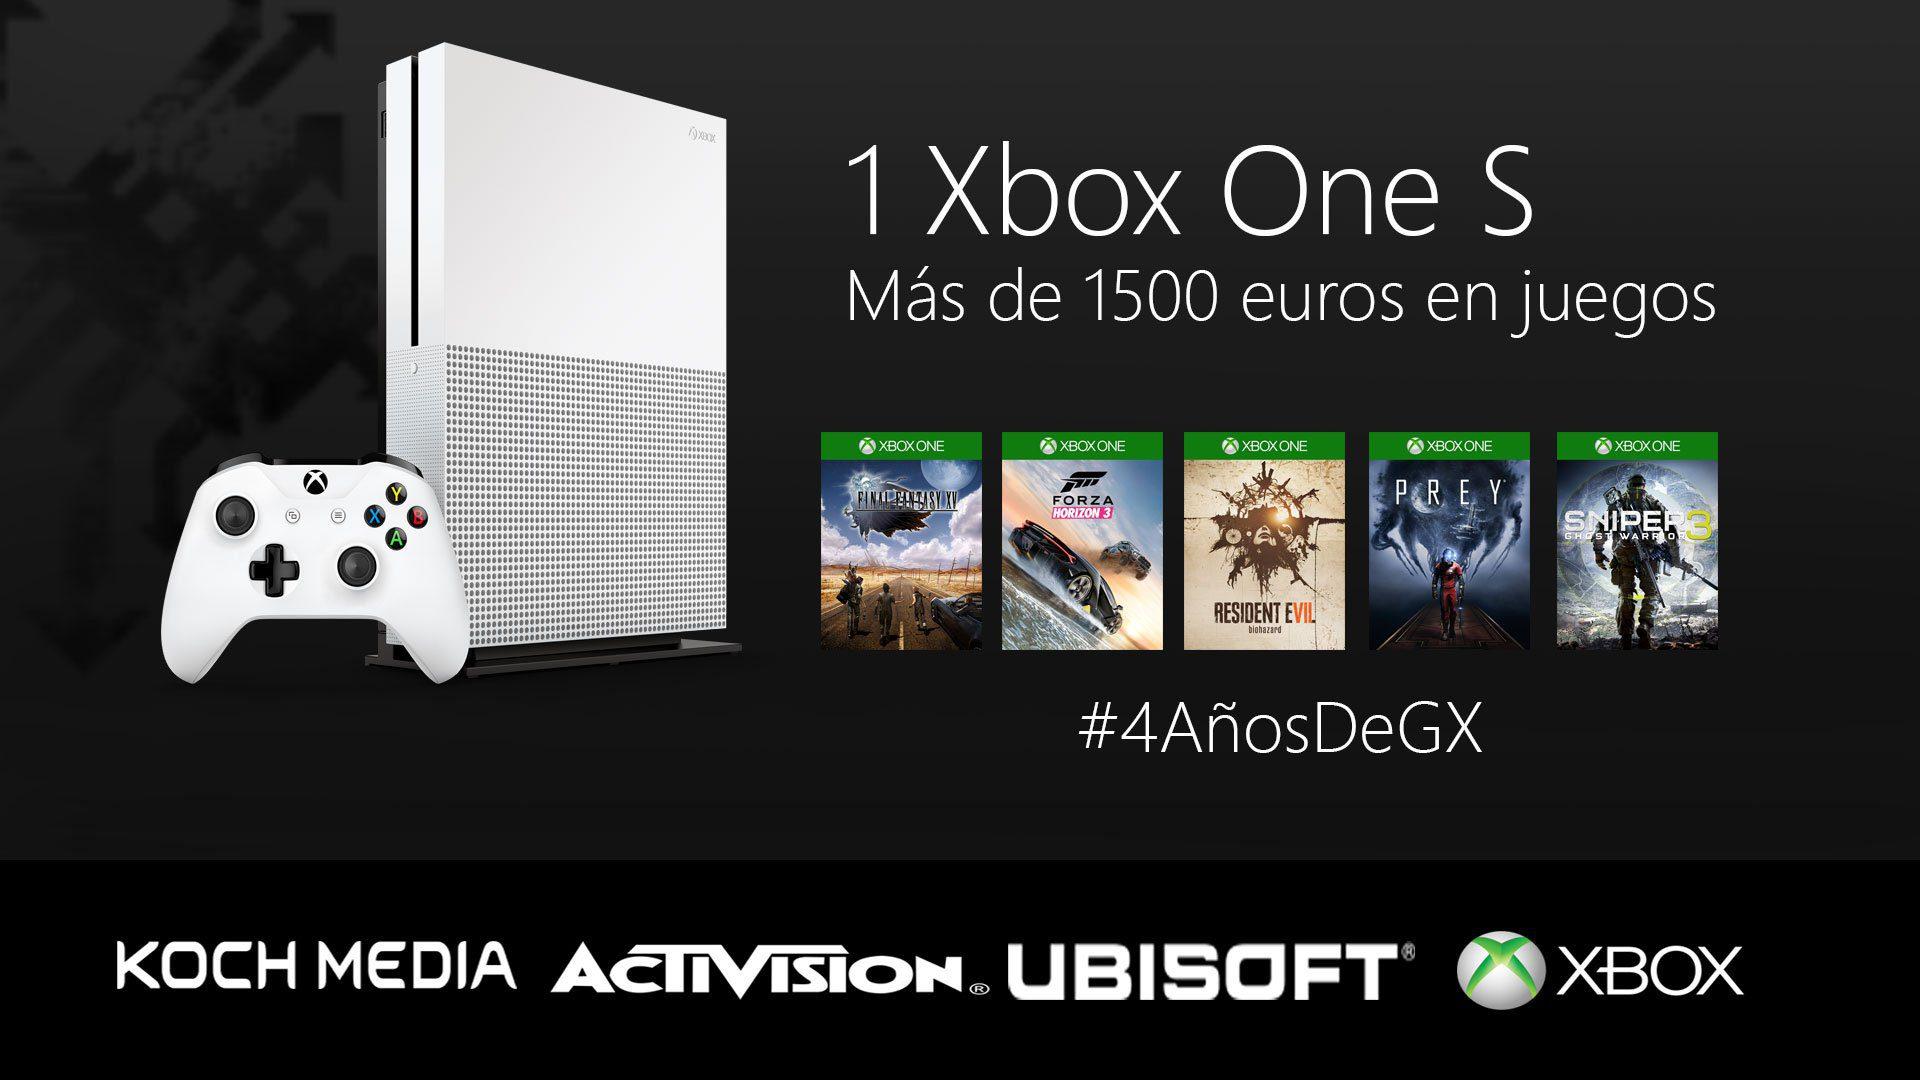 Nos hemos vuelto locos, sorteamos una Xbox One S y más de 1500 euros en juegos